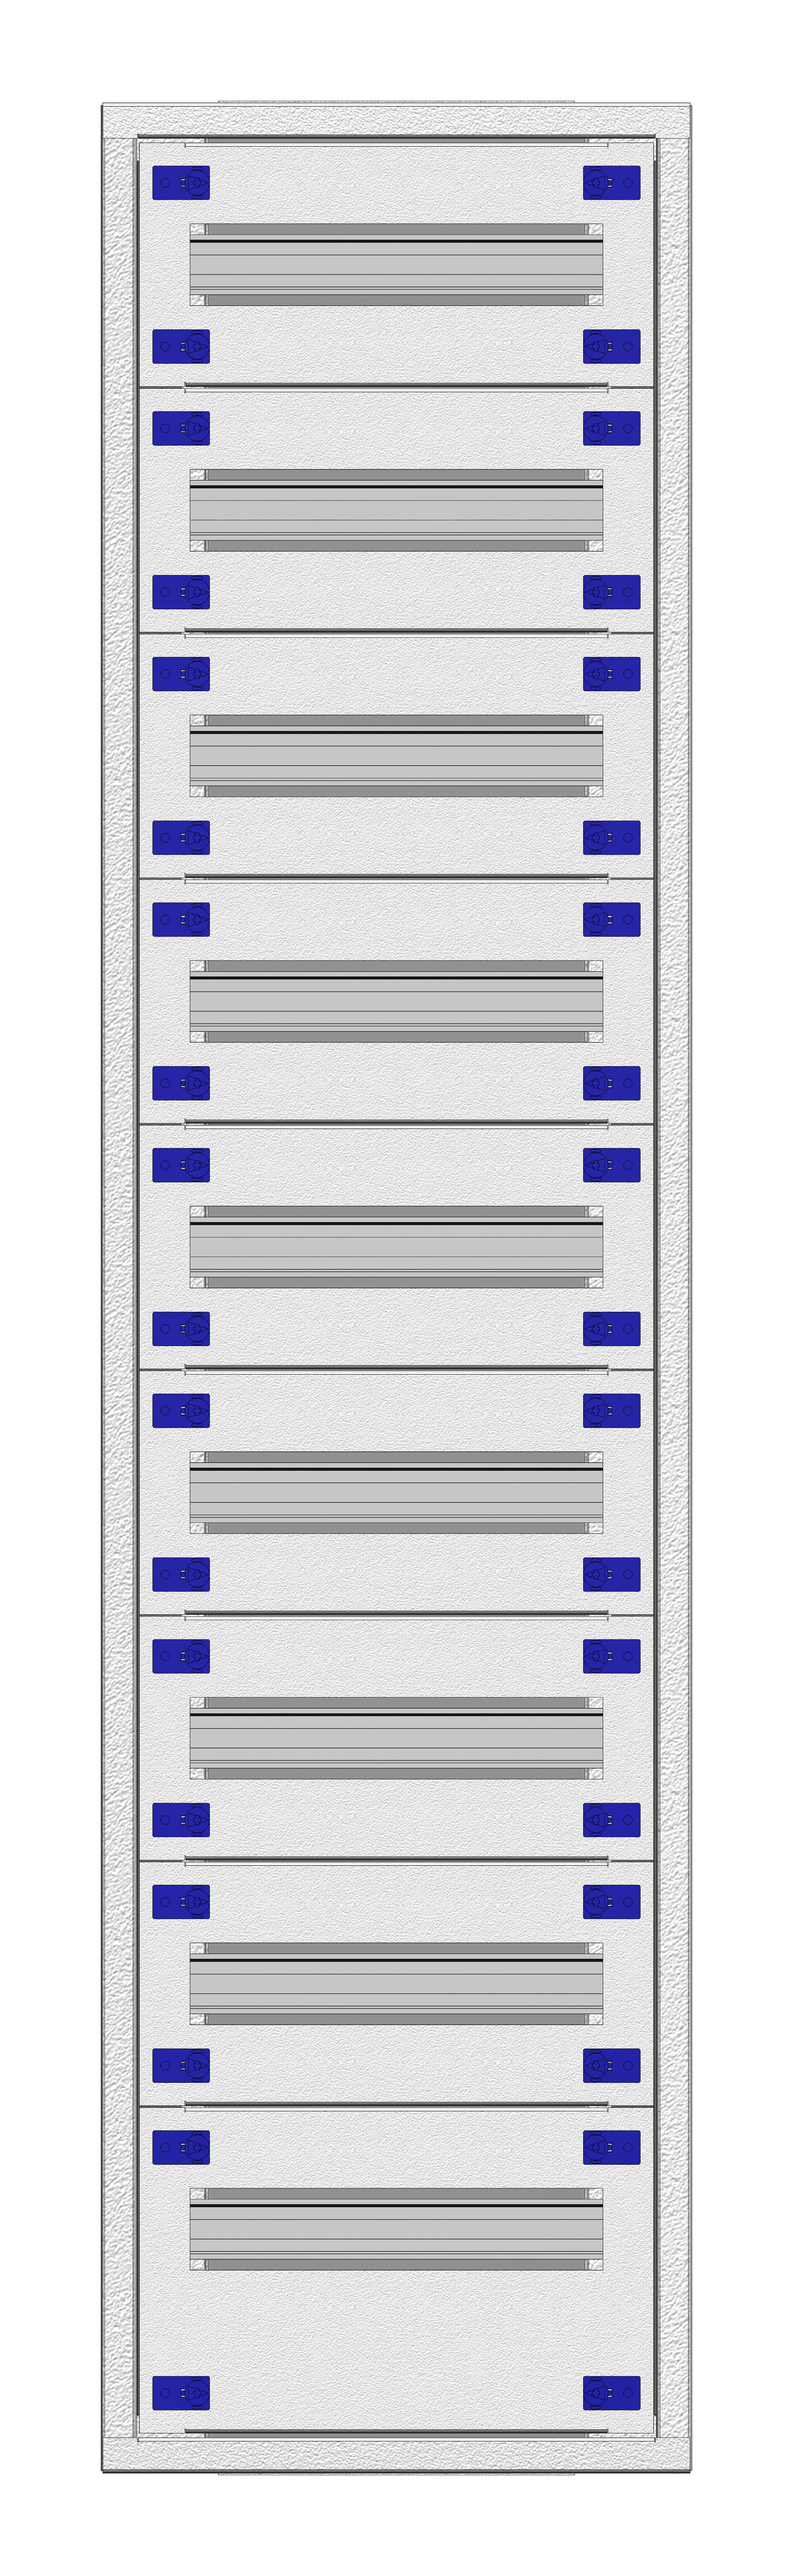 1 Stk Aufputz-Installationsverteiler 1A-28K, H1380B380T250mm IL172128AS